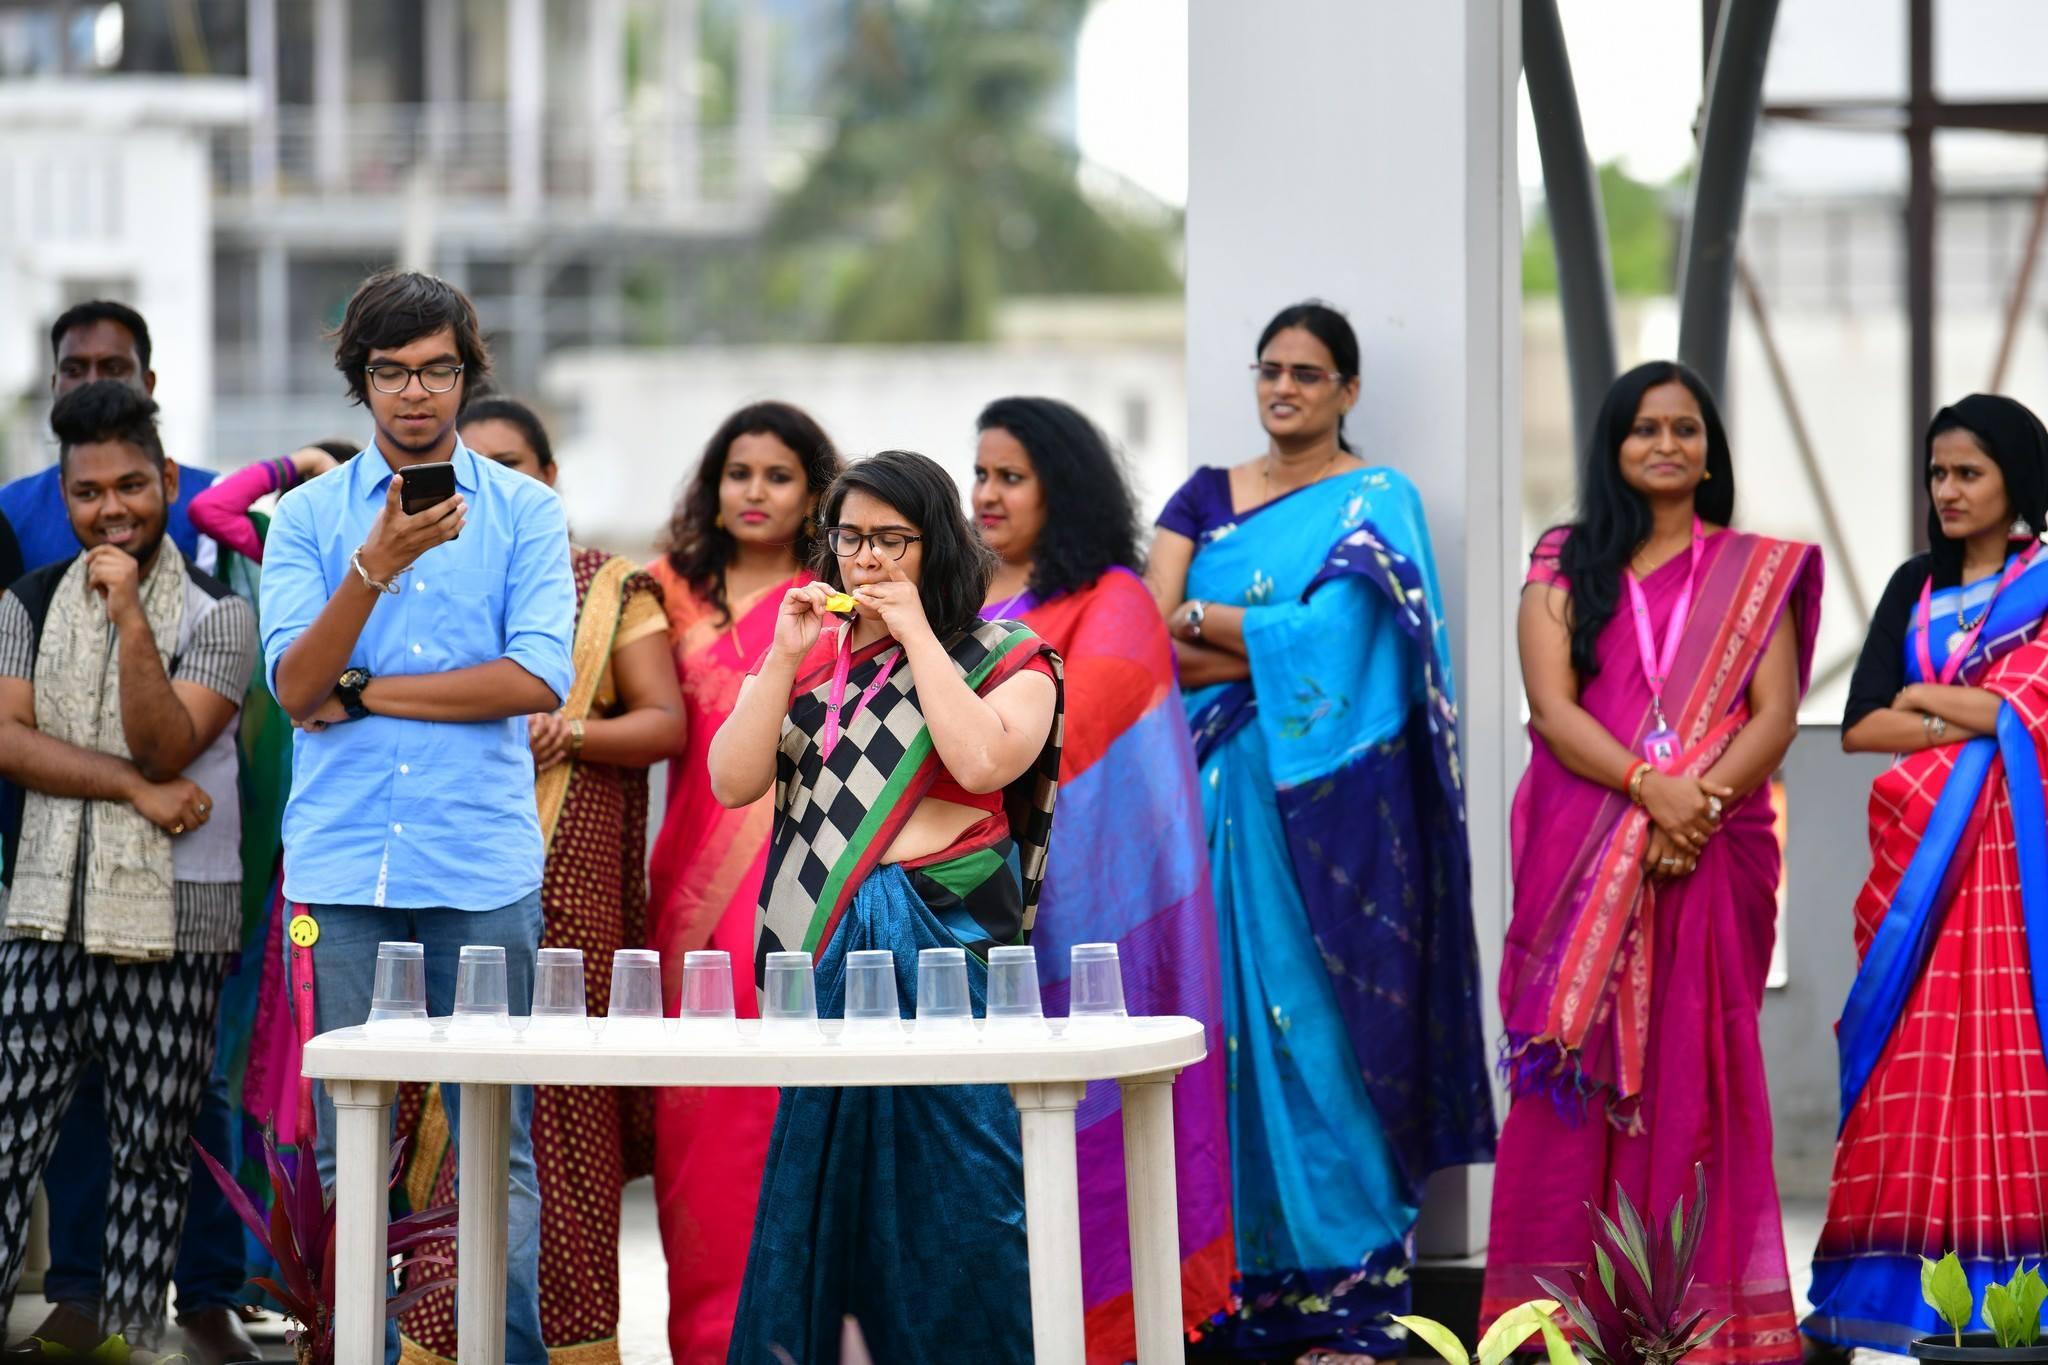 Teacher's Day Celebration at JD Institute teacher's day - teachers day 5 - Teacher's Day Celebration at JD Institute